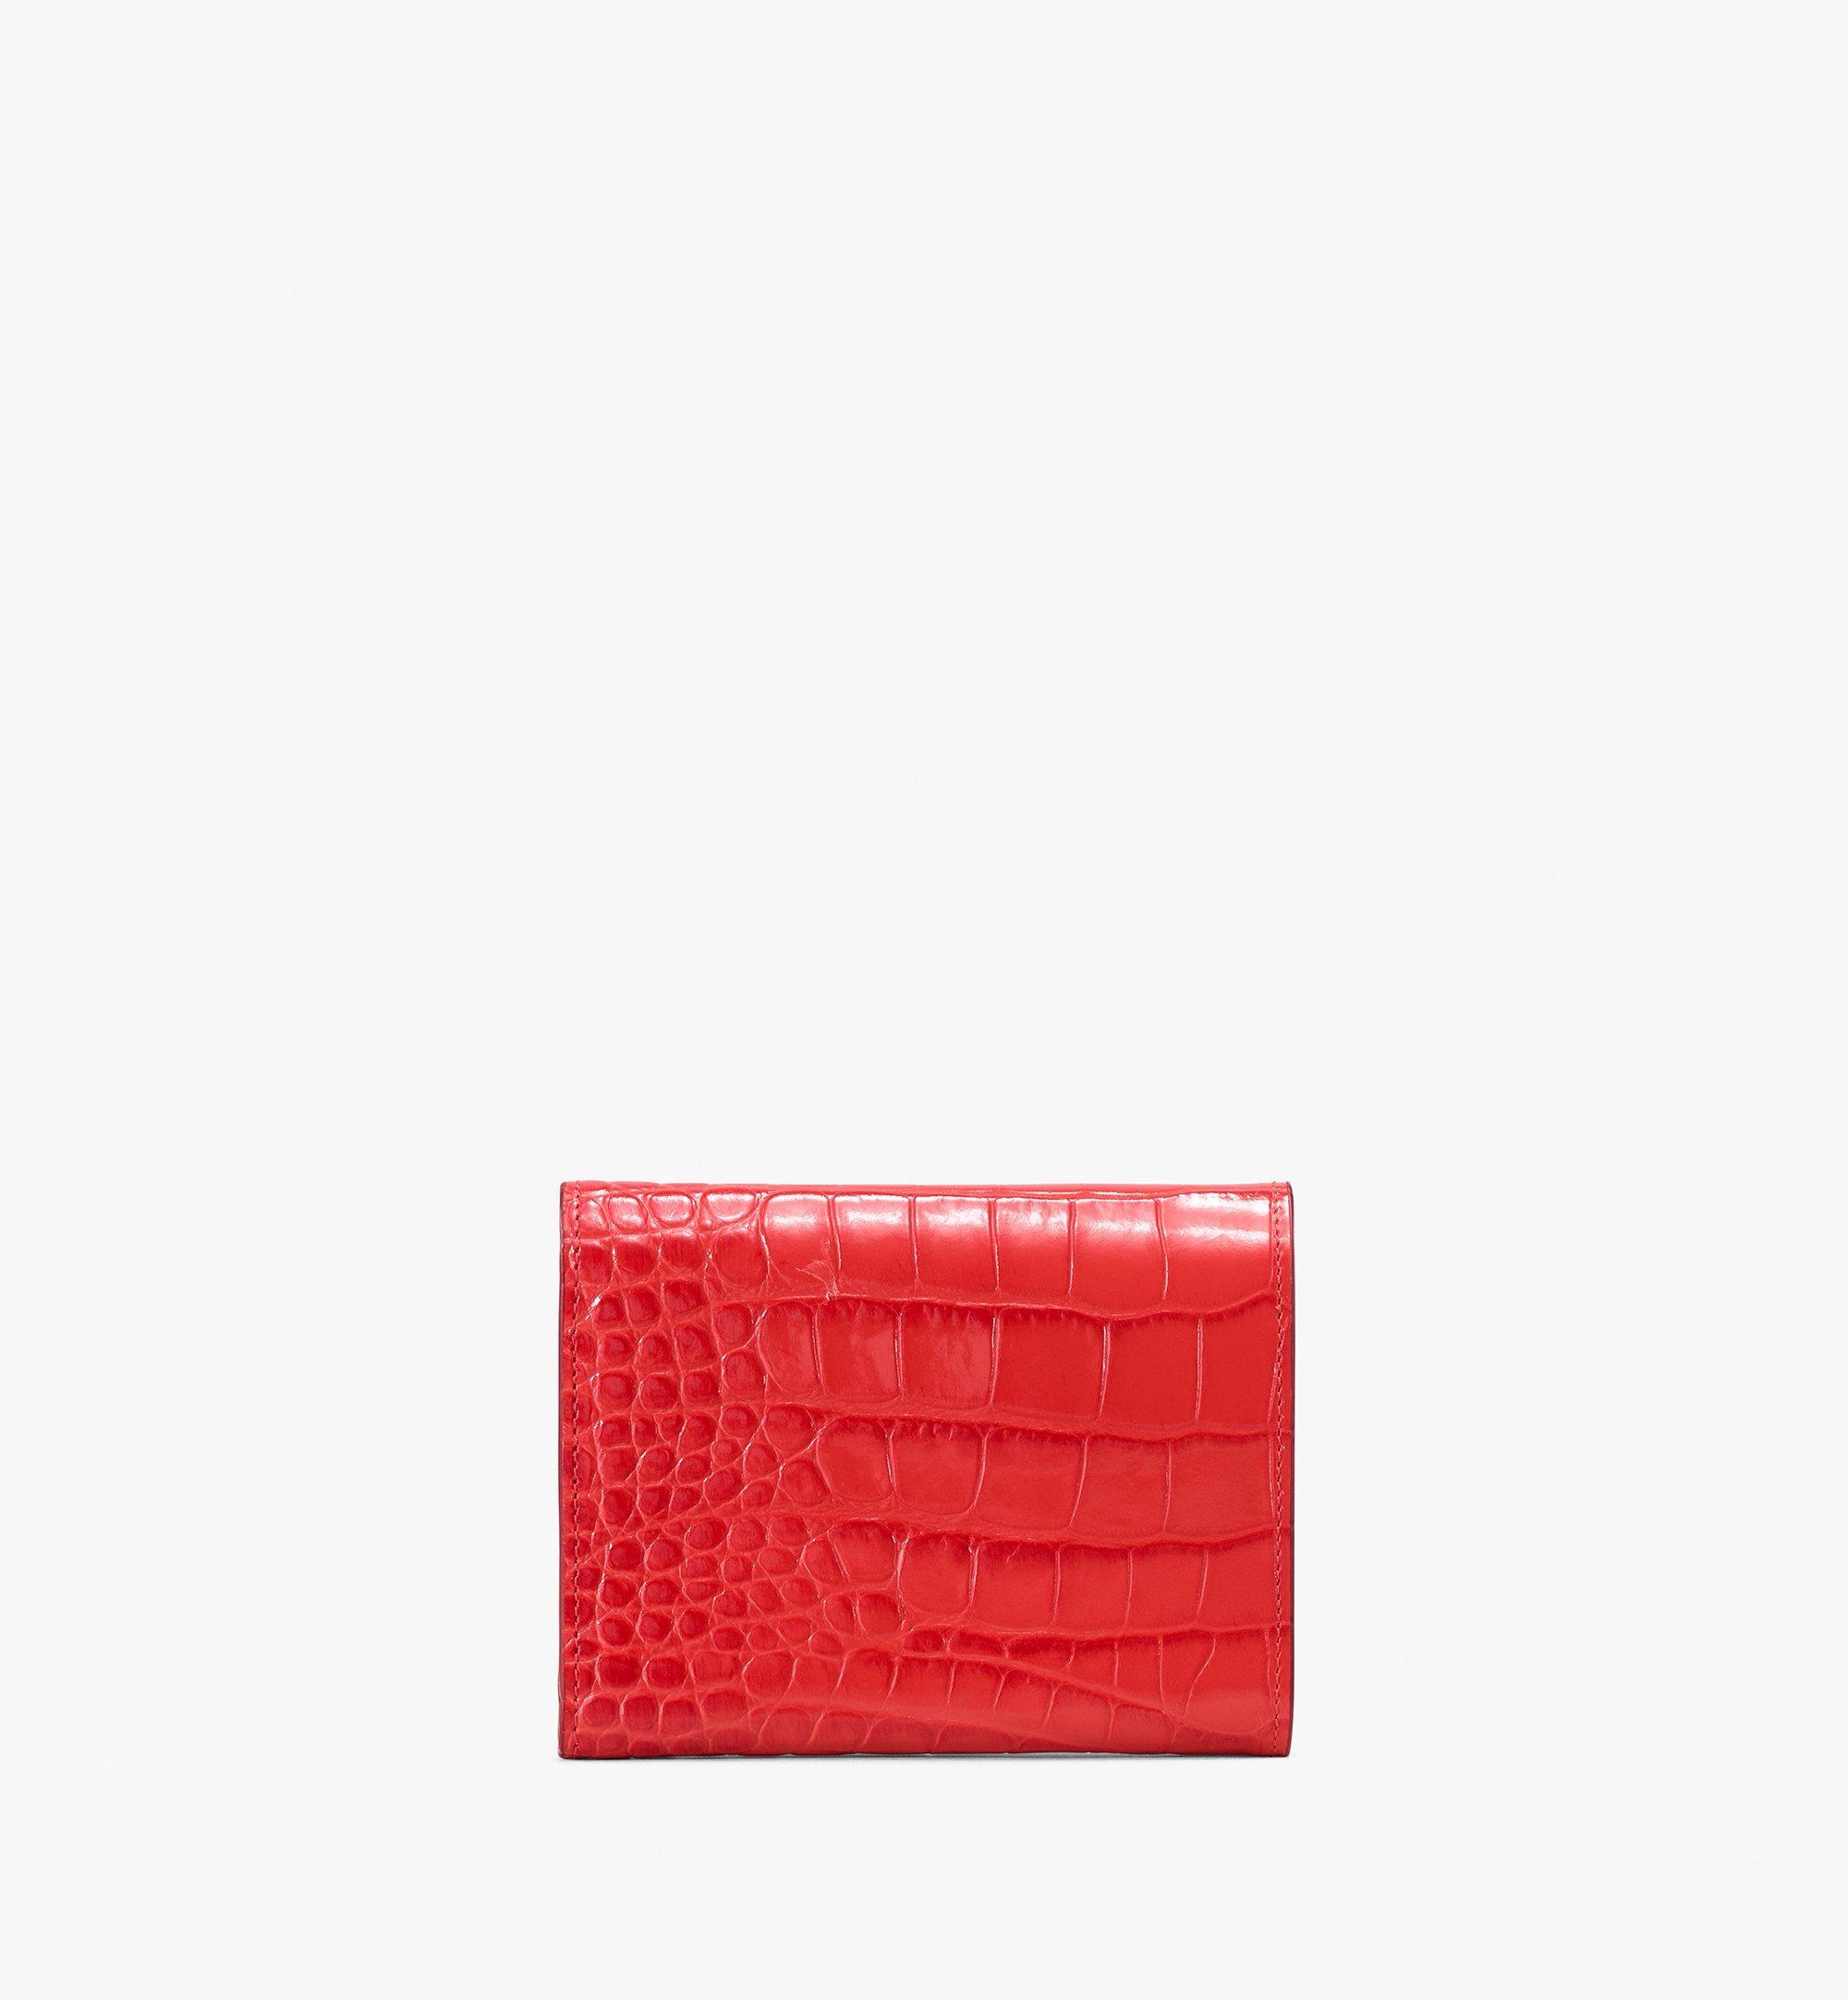 MCM Patricia Three-Fold Wallet in Embossed Crocodile Red MYS9APA64RU001 Alternate View 2